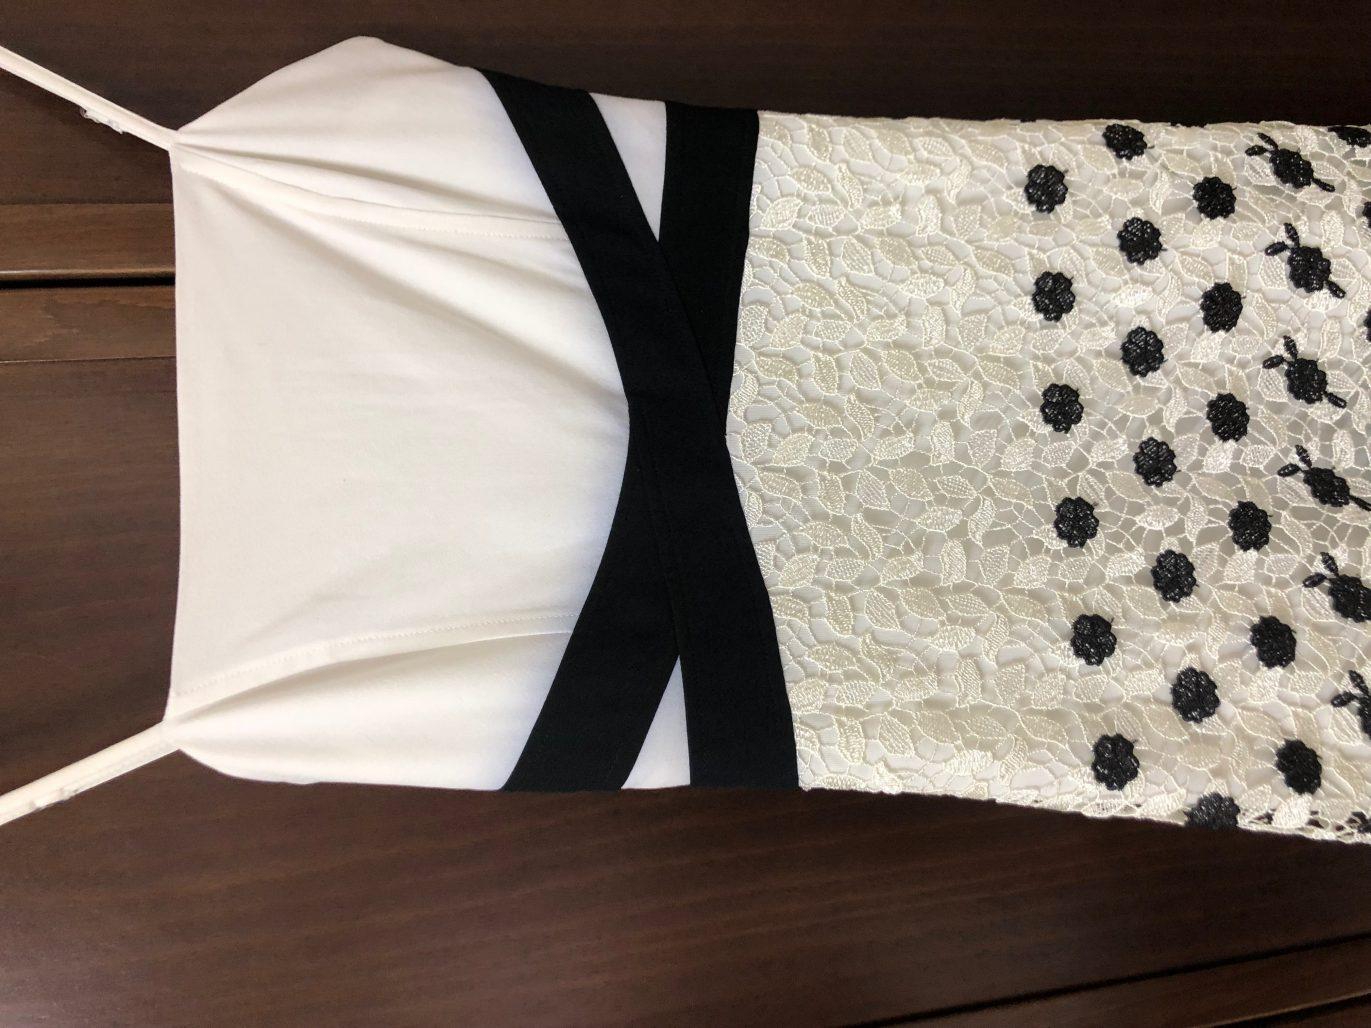 תמונות נוספות של שמלה מעוצבת